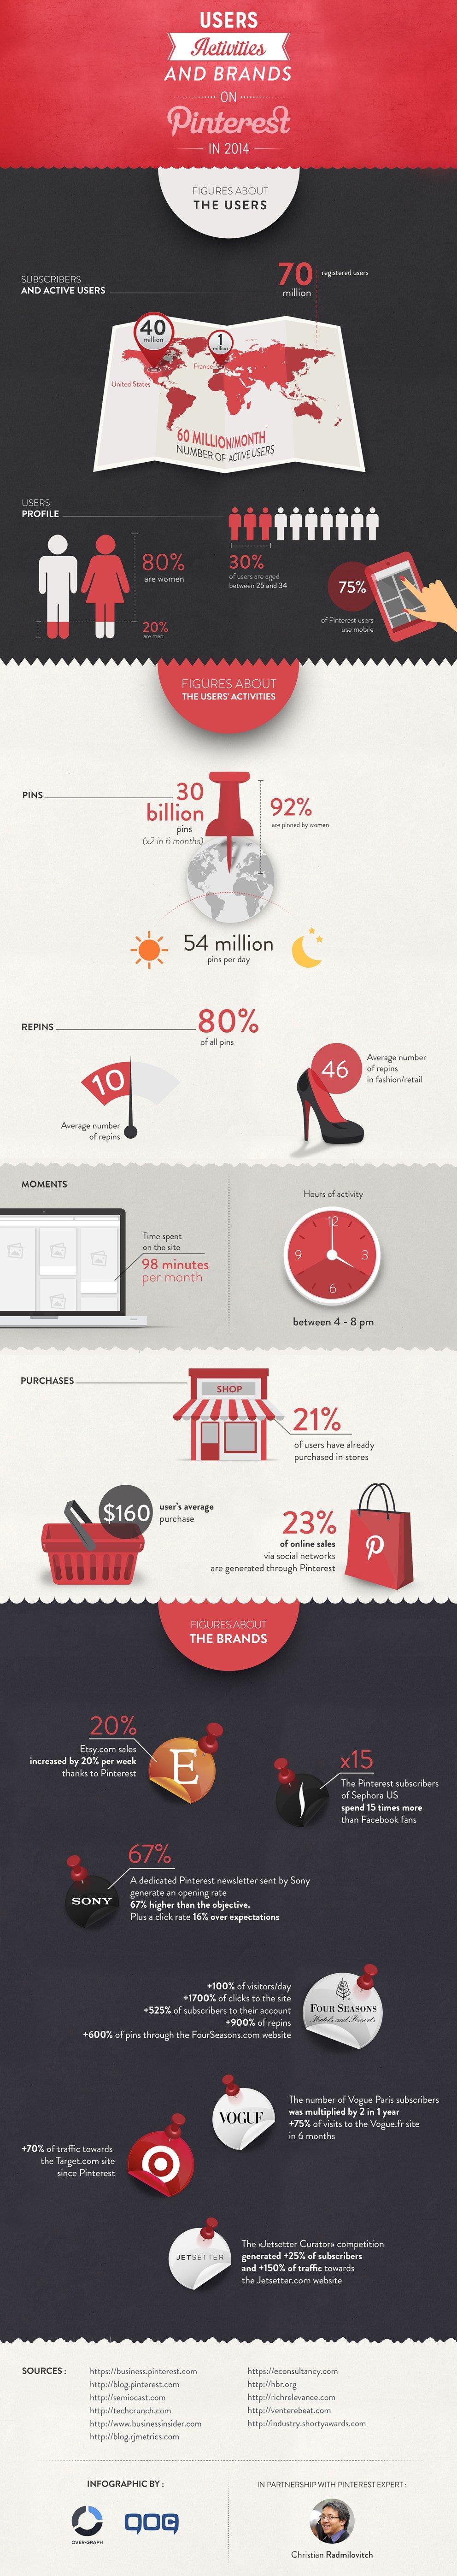 Pinterest dati infografica